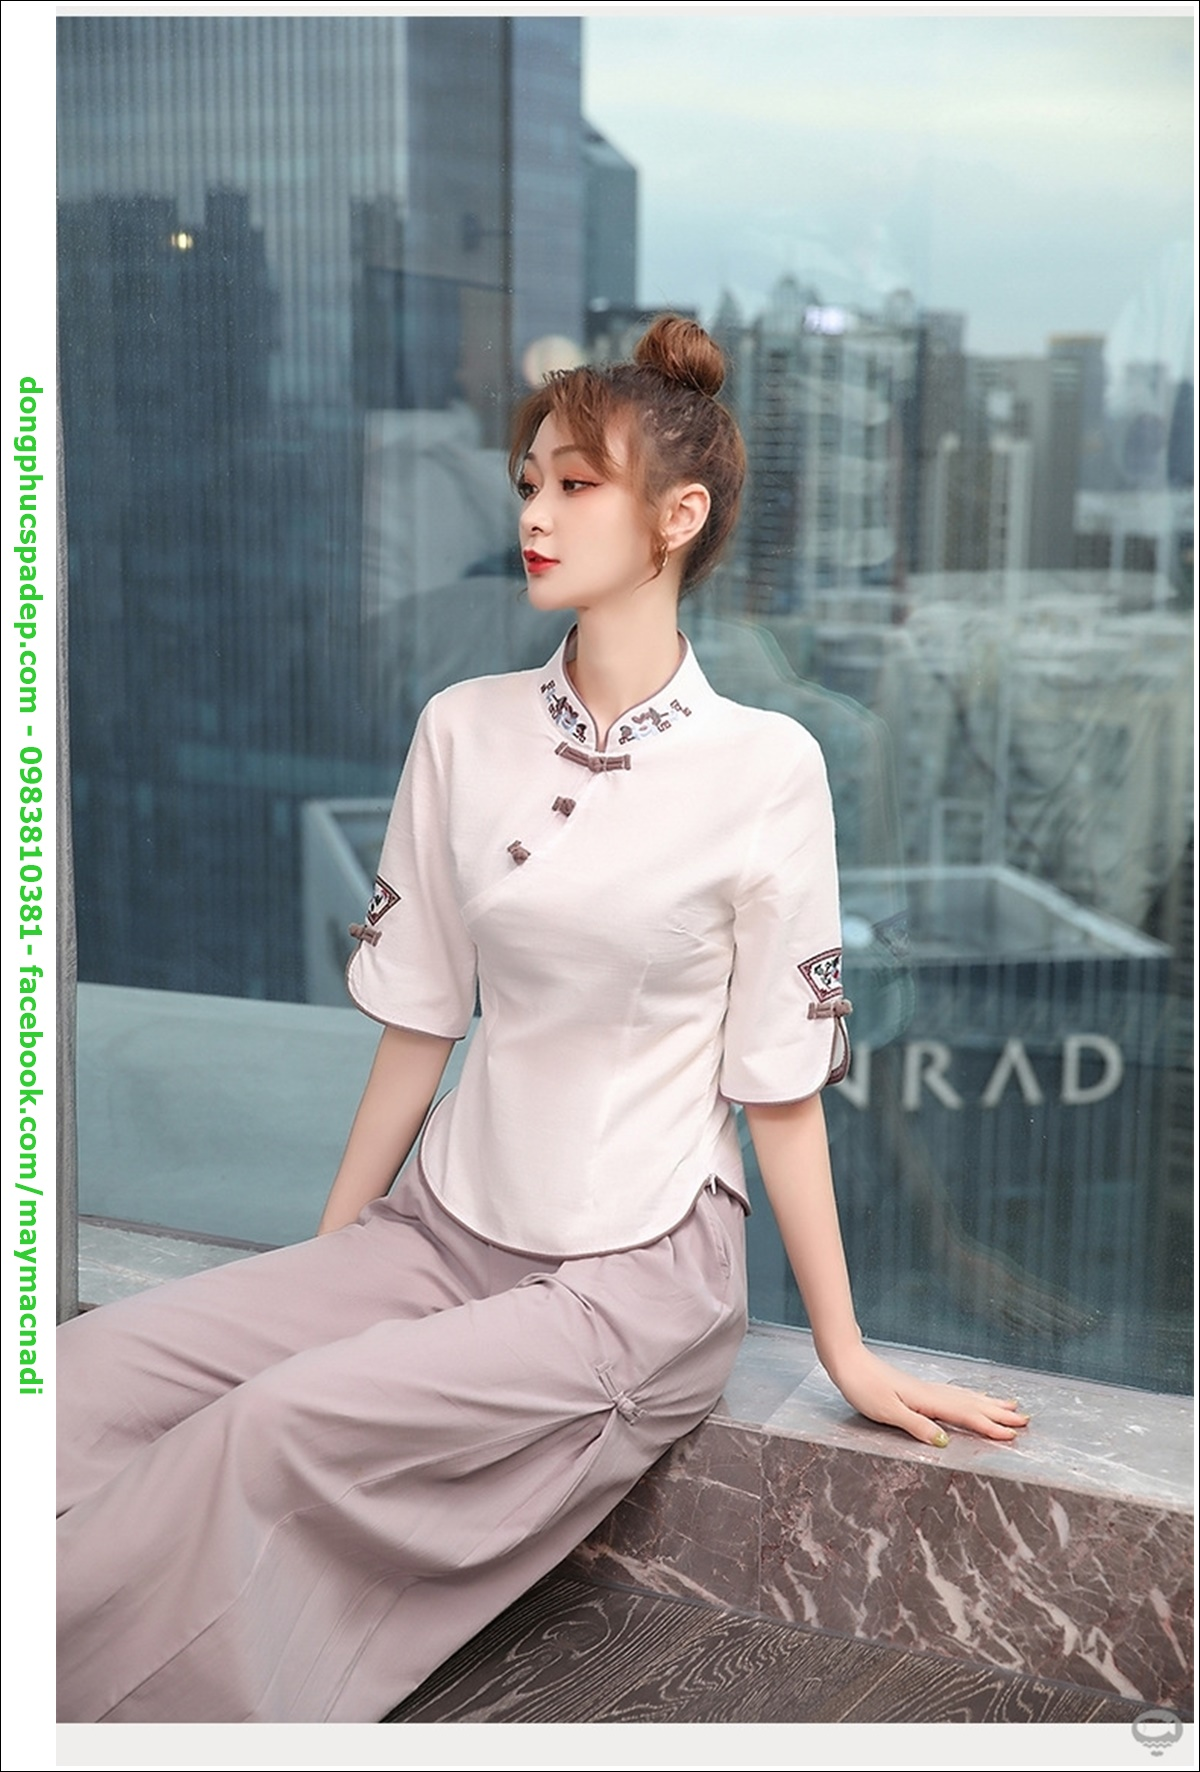 Mẫu đồng phục spa thoải mái cổ tròn với đa dạng kiểu dáng rất được lòng khách hàng.